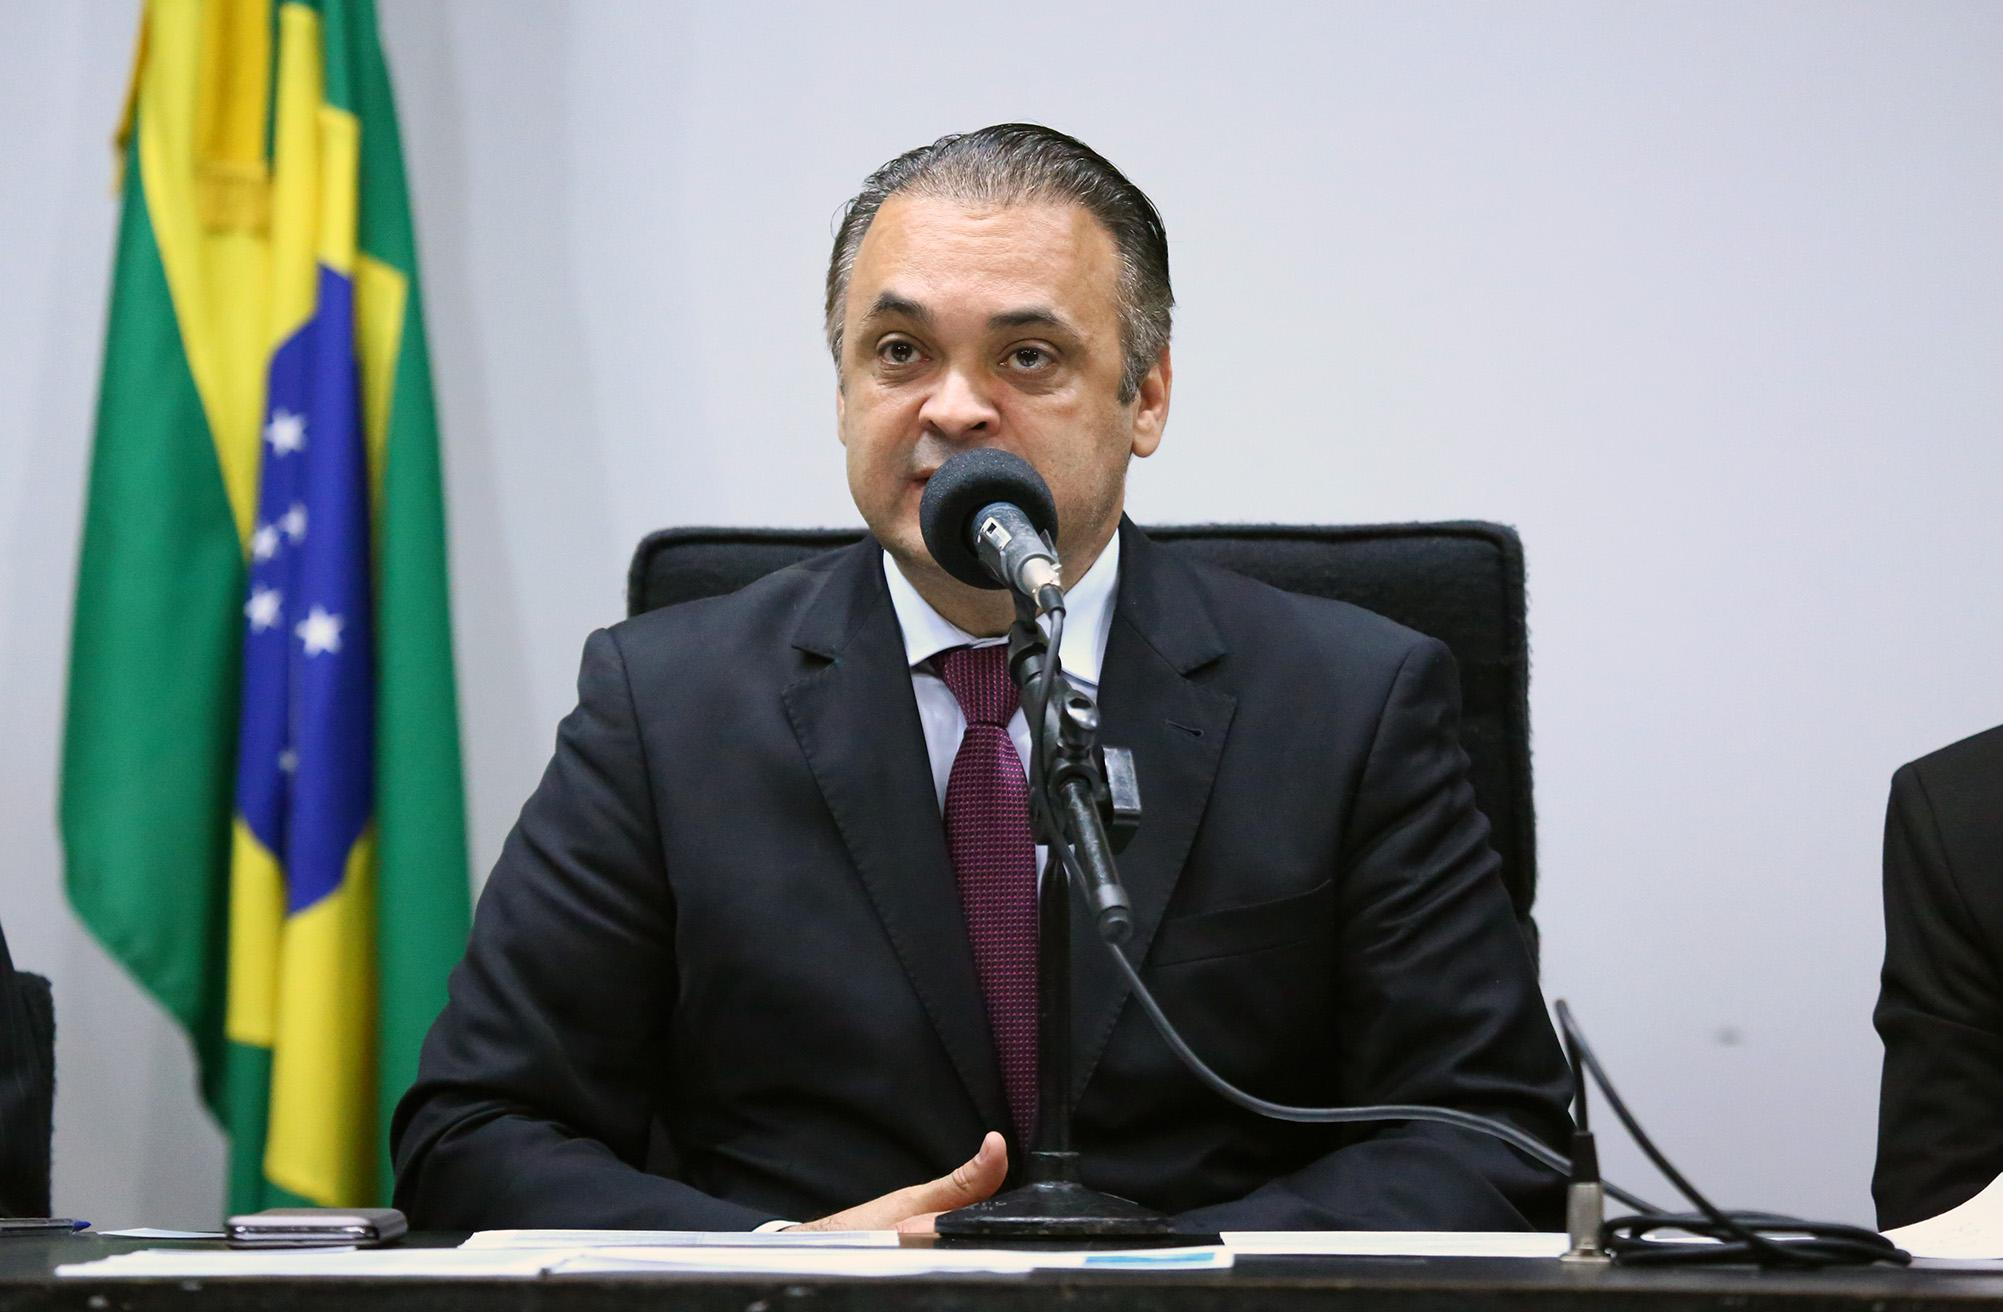 Lançamento da Frente Parlamentar Mista. Dep. Roberto de Lucena (PODE - SP)